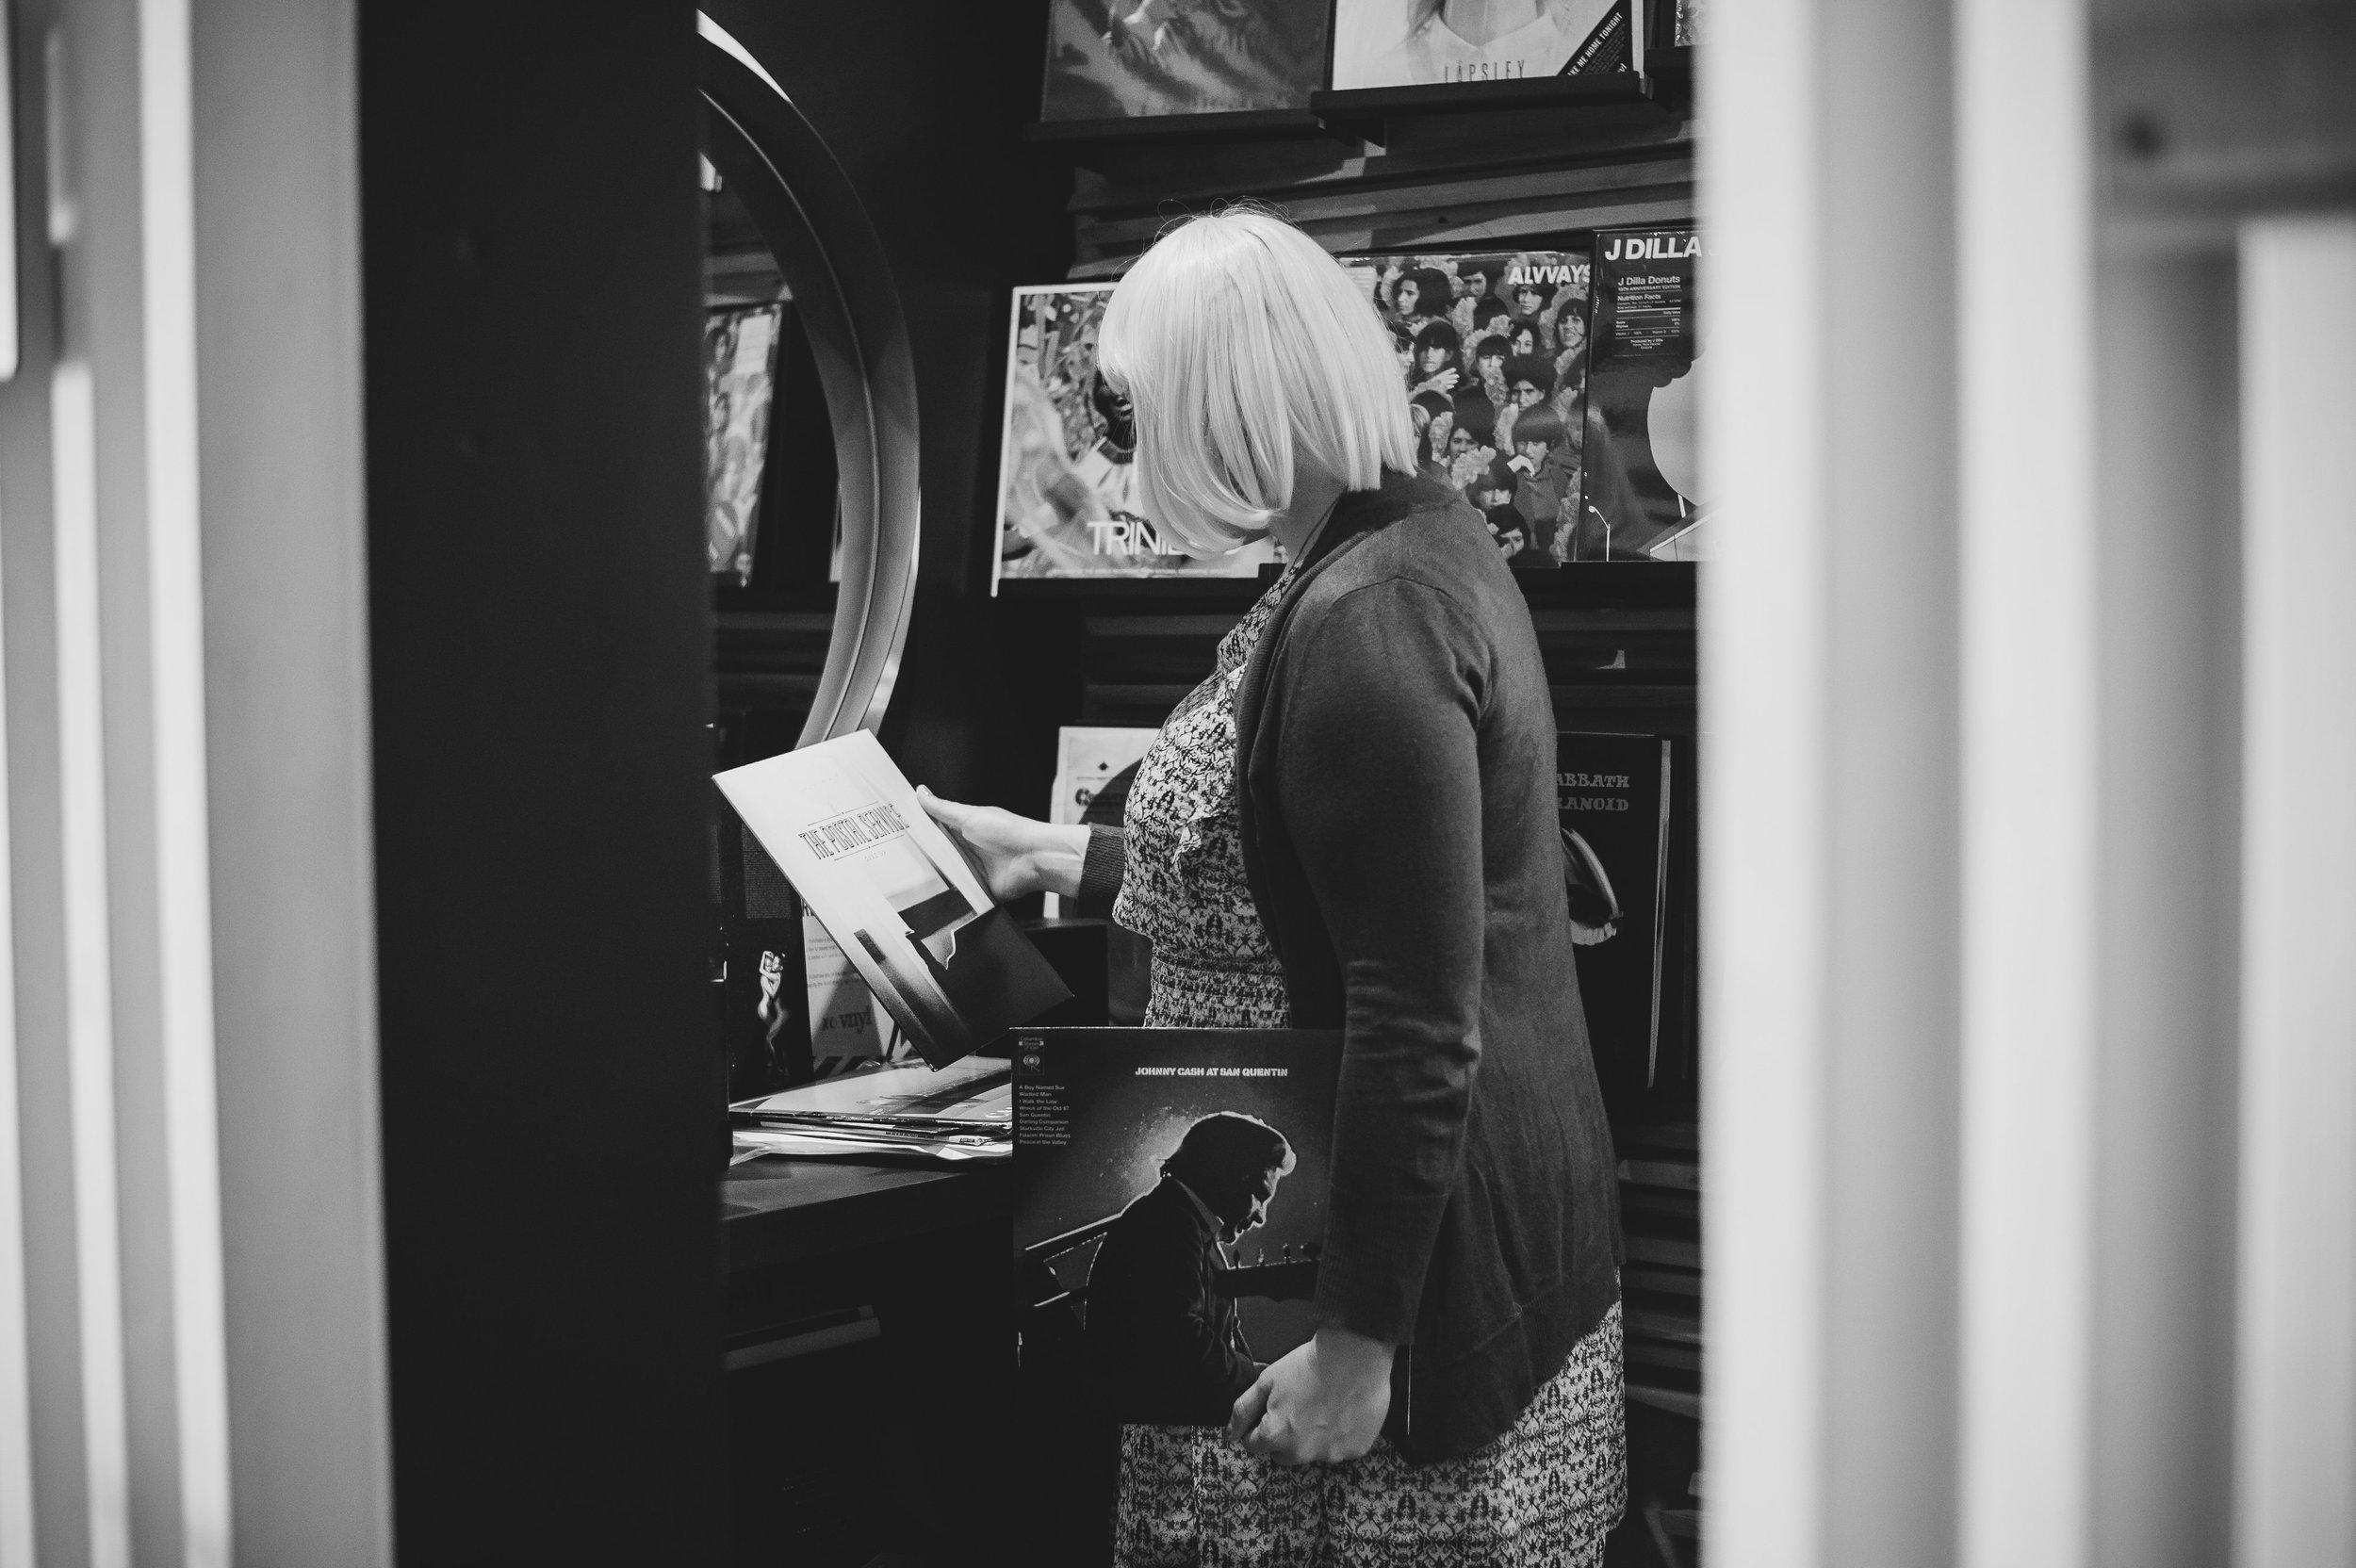 GoodlandSB©brianamoore-63.jpg